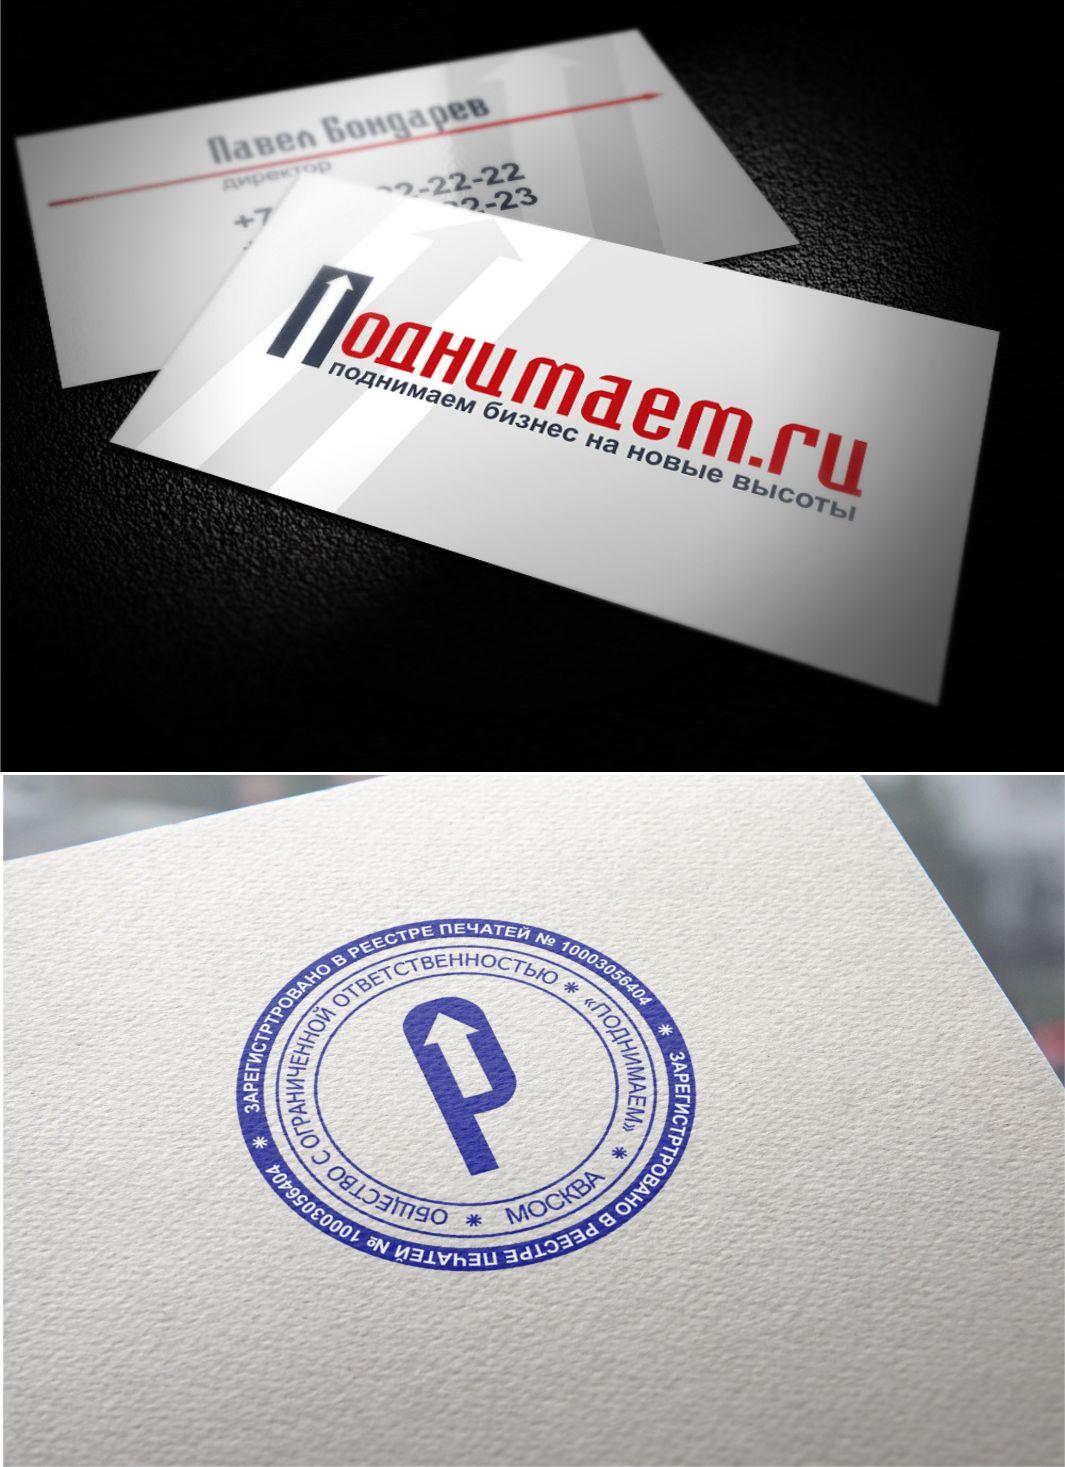 Разработать логотип + визитку + логотип для печати ООО +++ фото f_52555464dfde5f0c.jpg